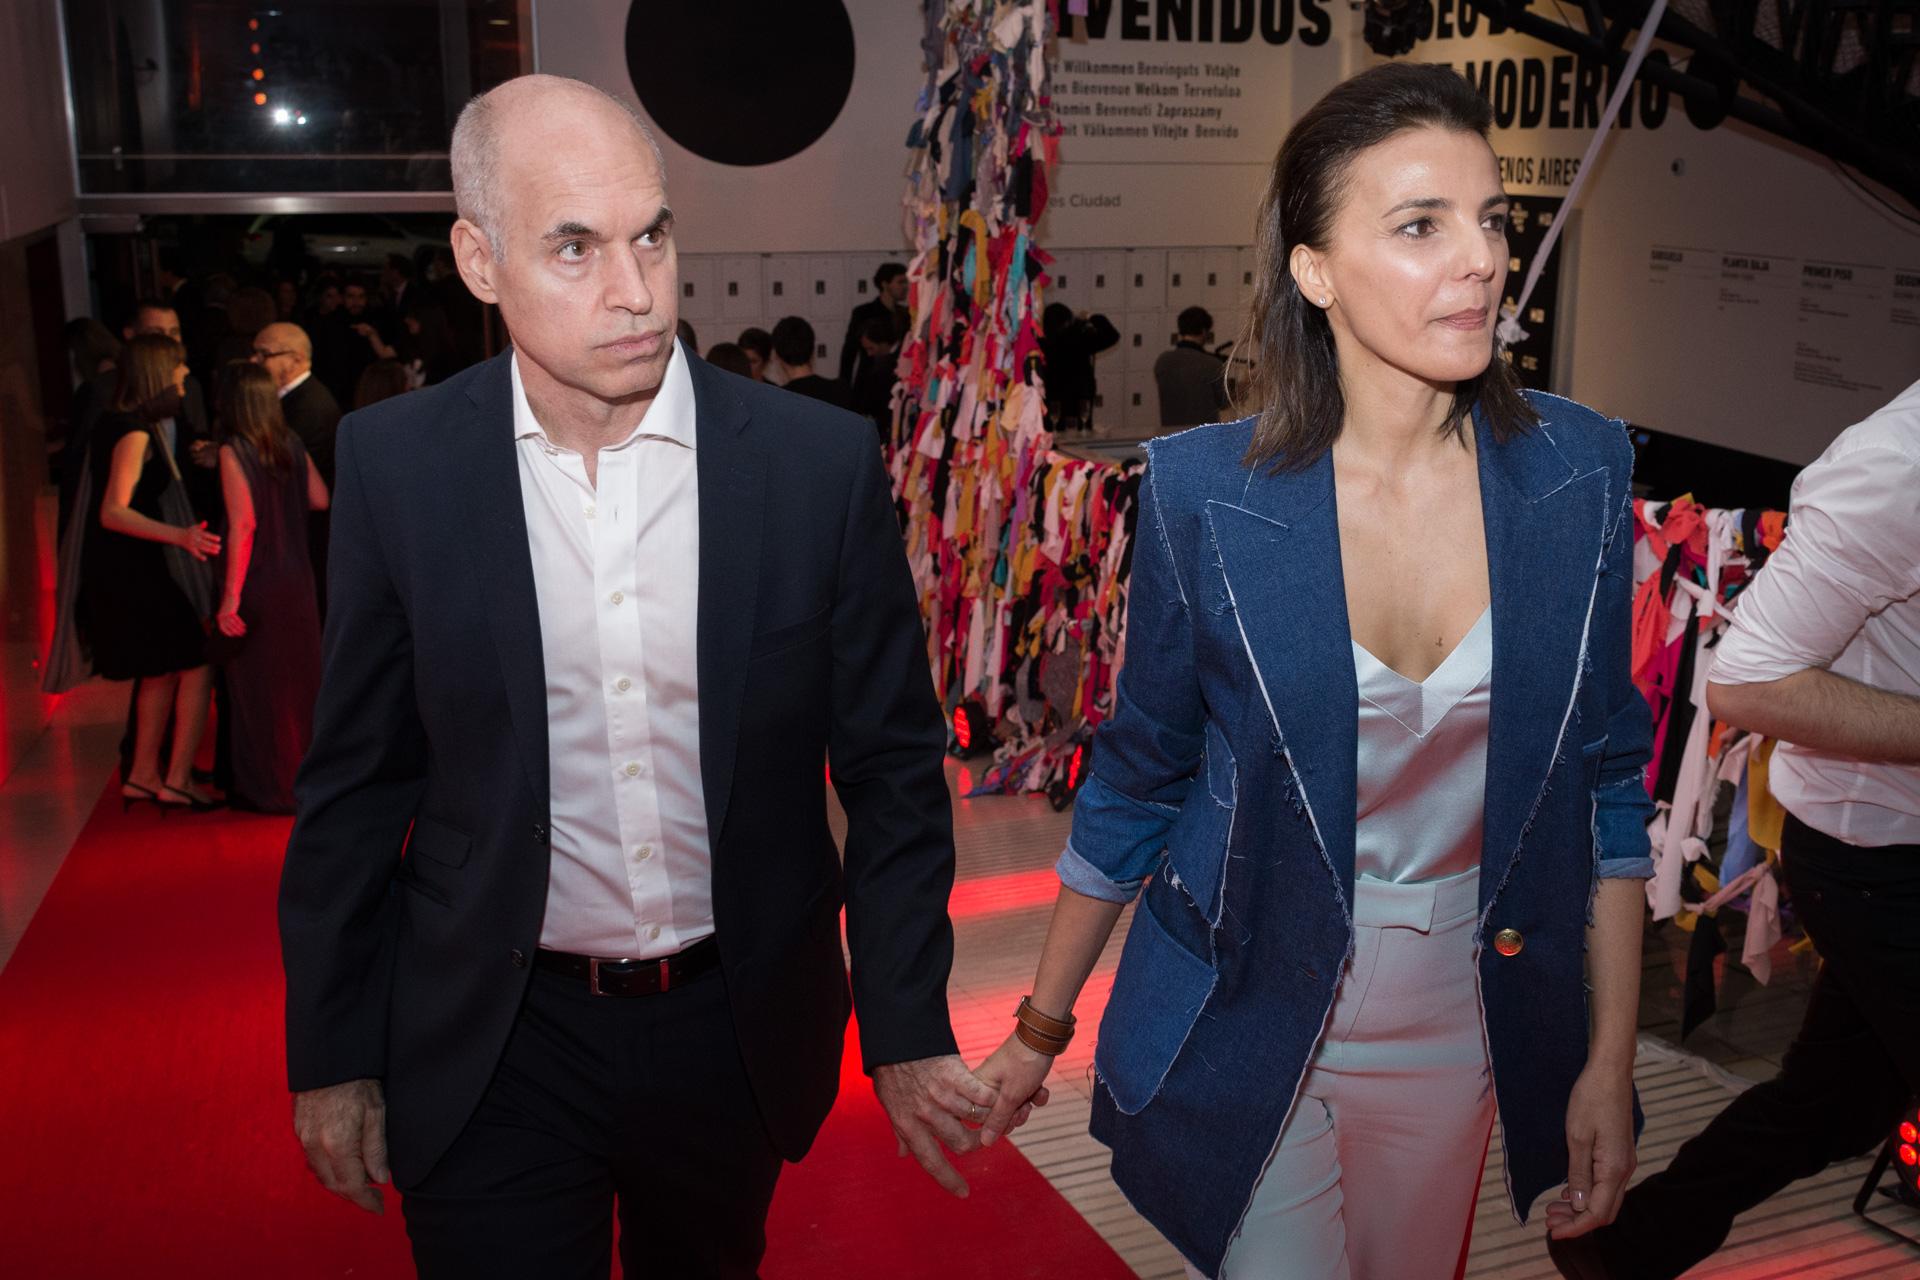 El arribo del jefe de Gobierno porteño, Horacio Rodríguez Larreta, y su mujer Bárbara Diez